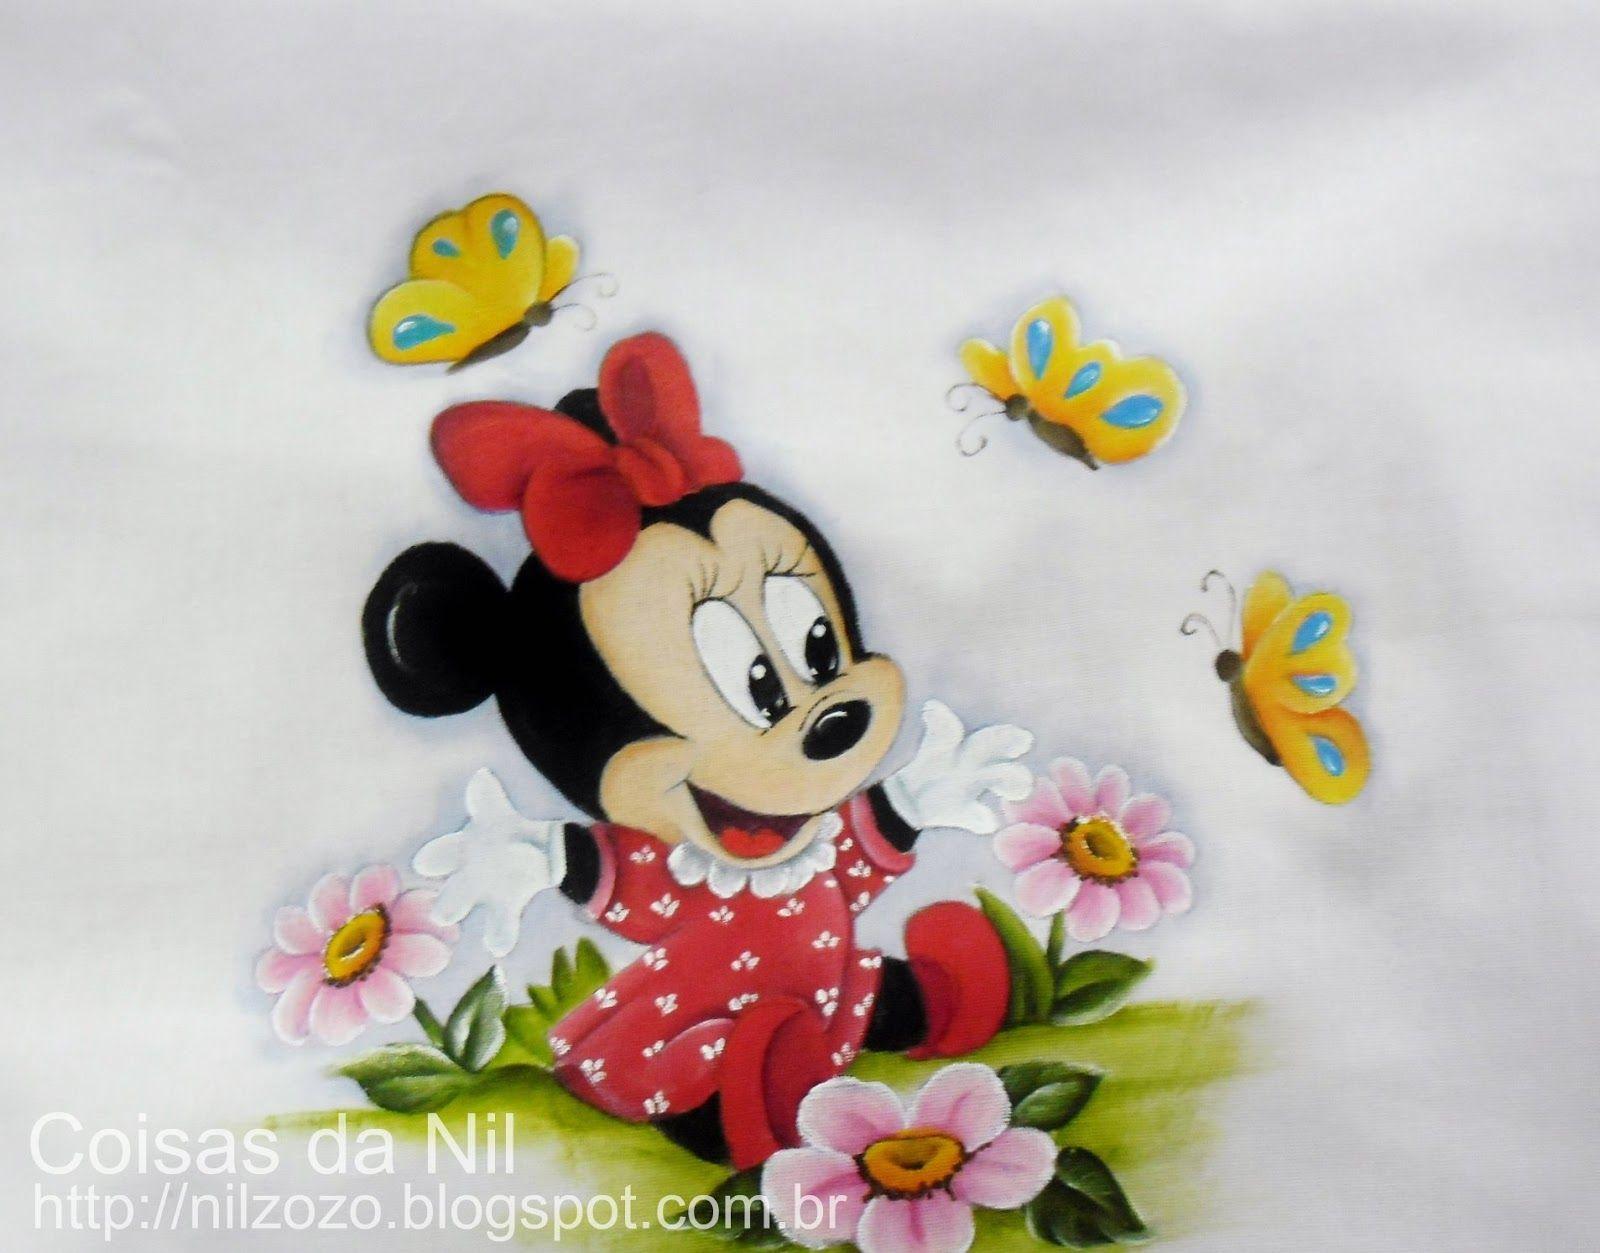 Desenhos Da Minnie Para Pintar Em Tecido: Coisas Da Nil - Pintura Em Tecido: Minnie Mouse